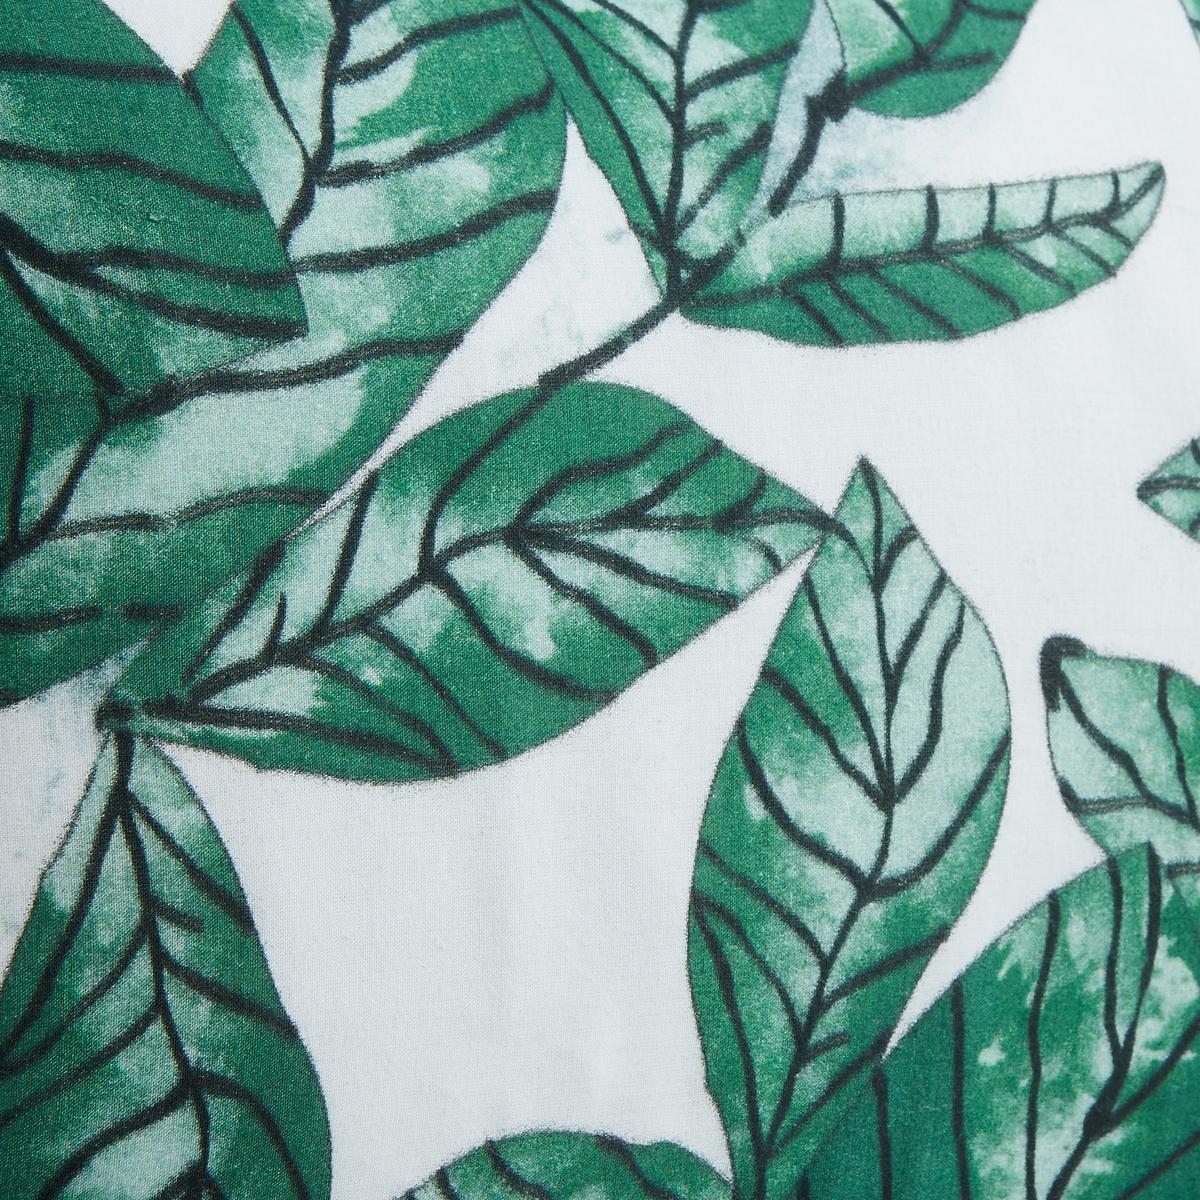 Наволочка на подушку-валик MalibasНаволочка на подушку-валик Malibas с рисунком листья зеленого цвета на фоне цвета экрю с обеих сторон. Скрытая застежка на молнию.Материал :- 100% хлопковая вуаль, полностью на подкладке из хлопка.  Размеры :- 50 x 30 см.Подушка продается отдельно на сайте.<br><br>Цвет: зеленый